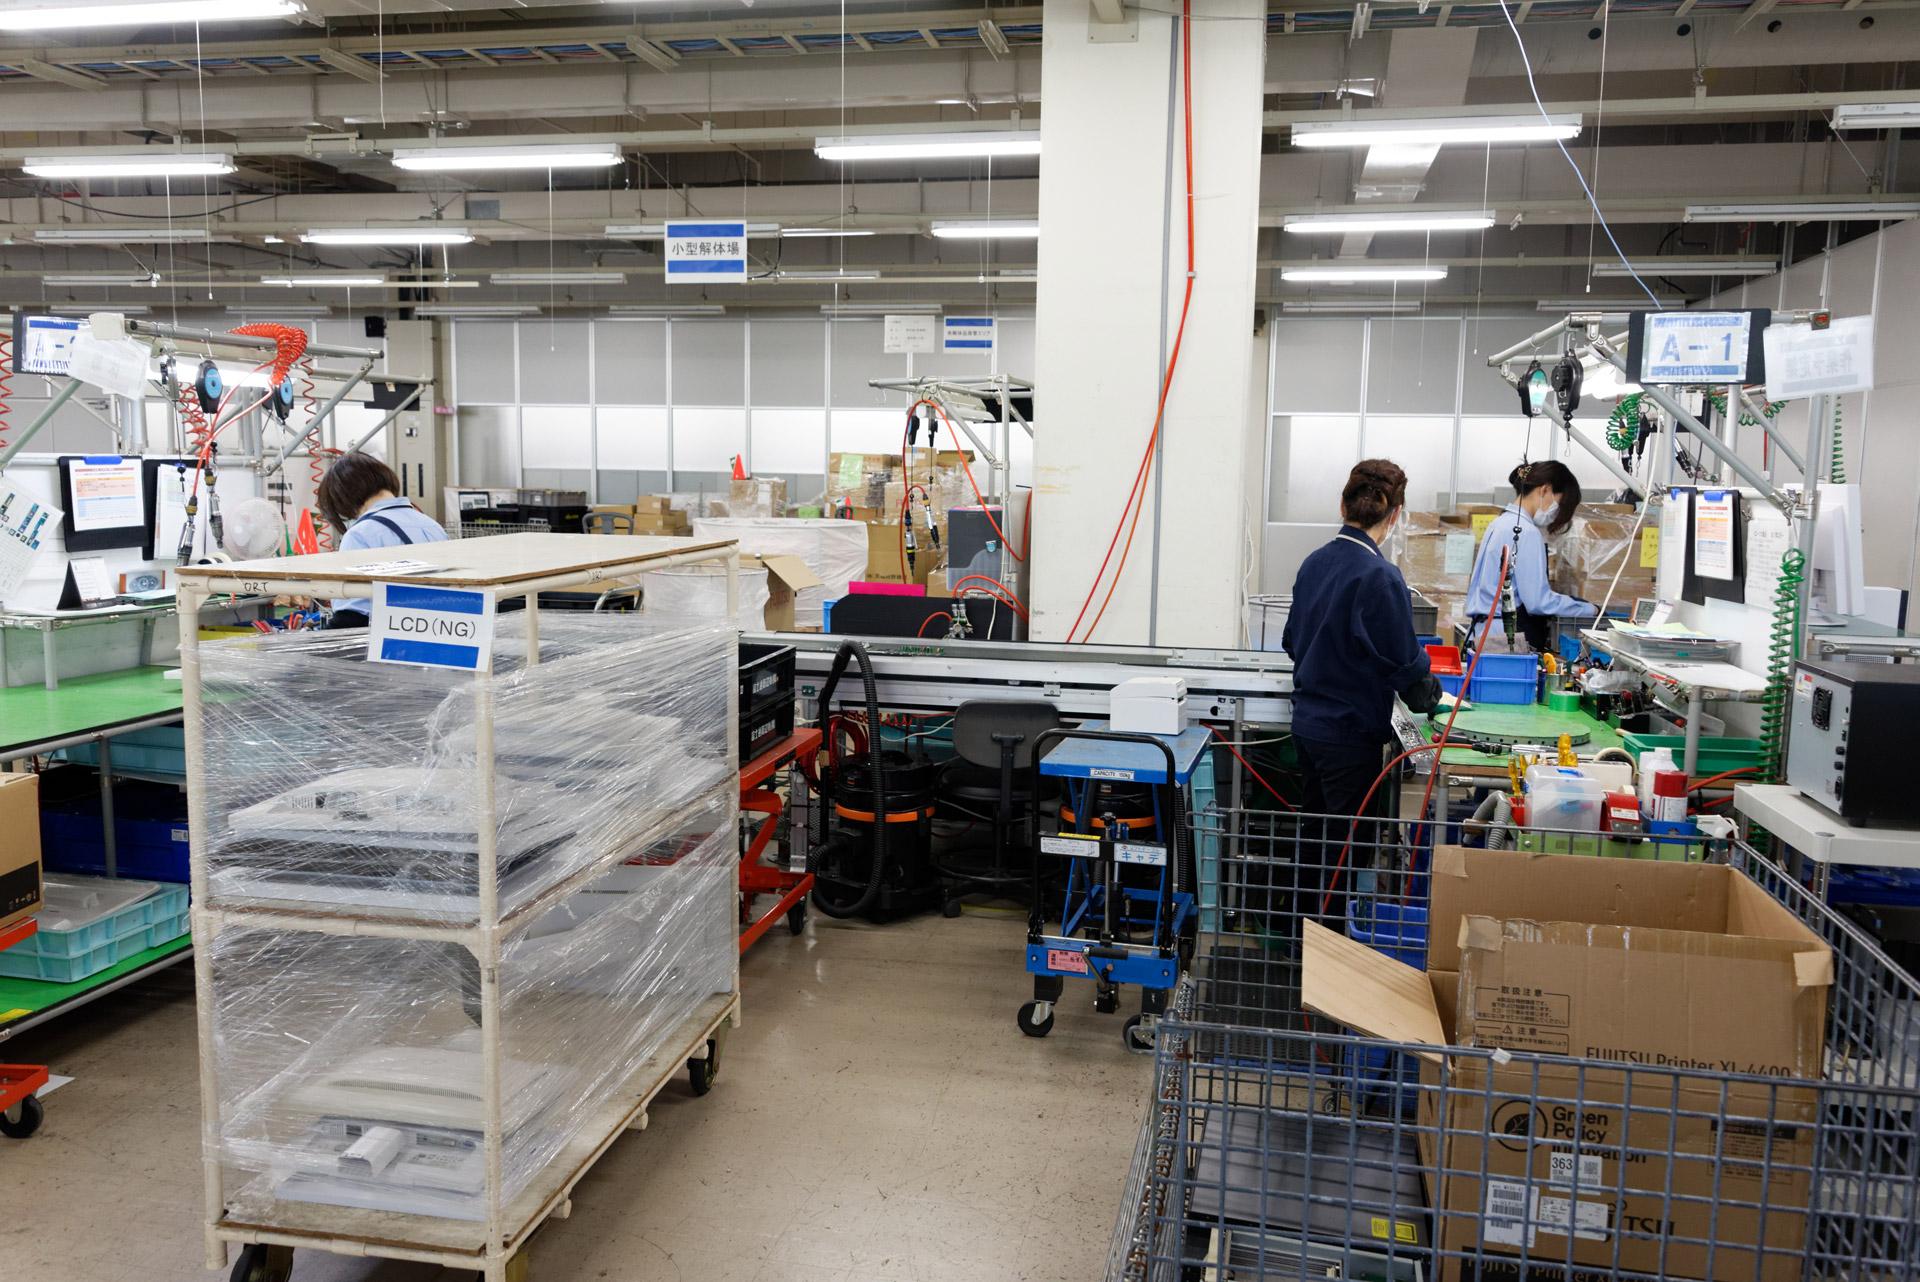 本社工場の一角にあるリサイクルセンター。ここではロボットは使わず、人の手によって1台ずつ分解される